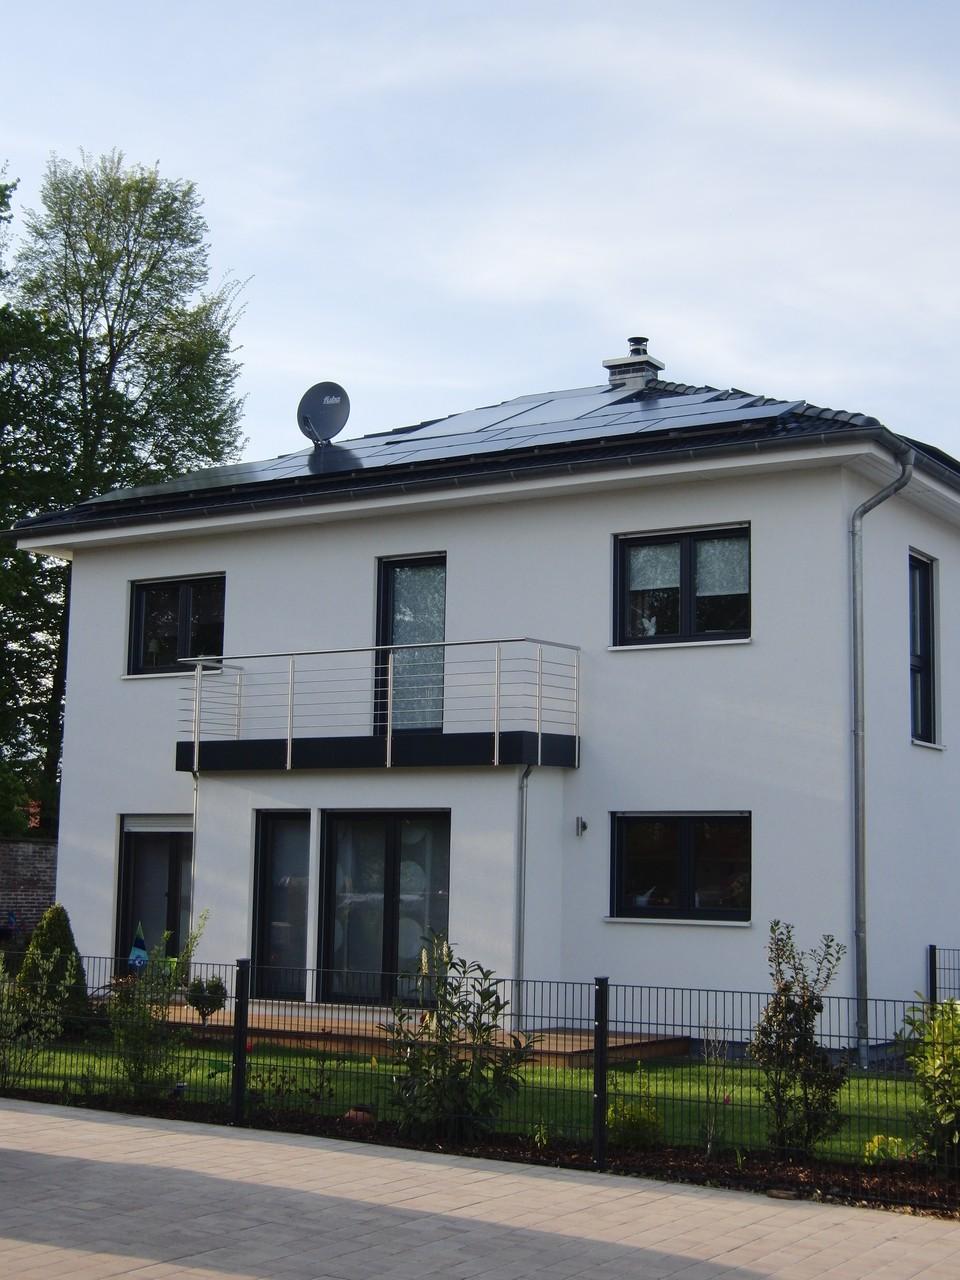 7,41 kWp in 93098 Rosenhof/Mintraching ET Solar Black